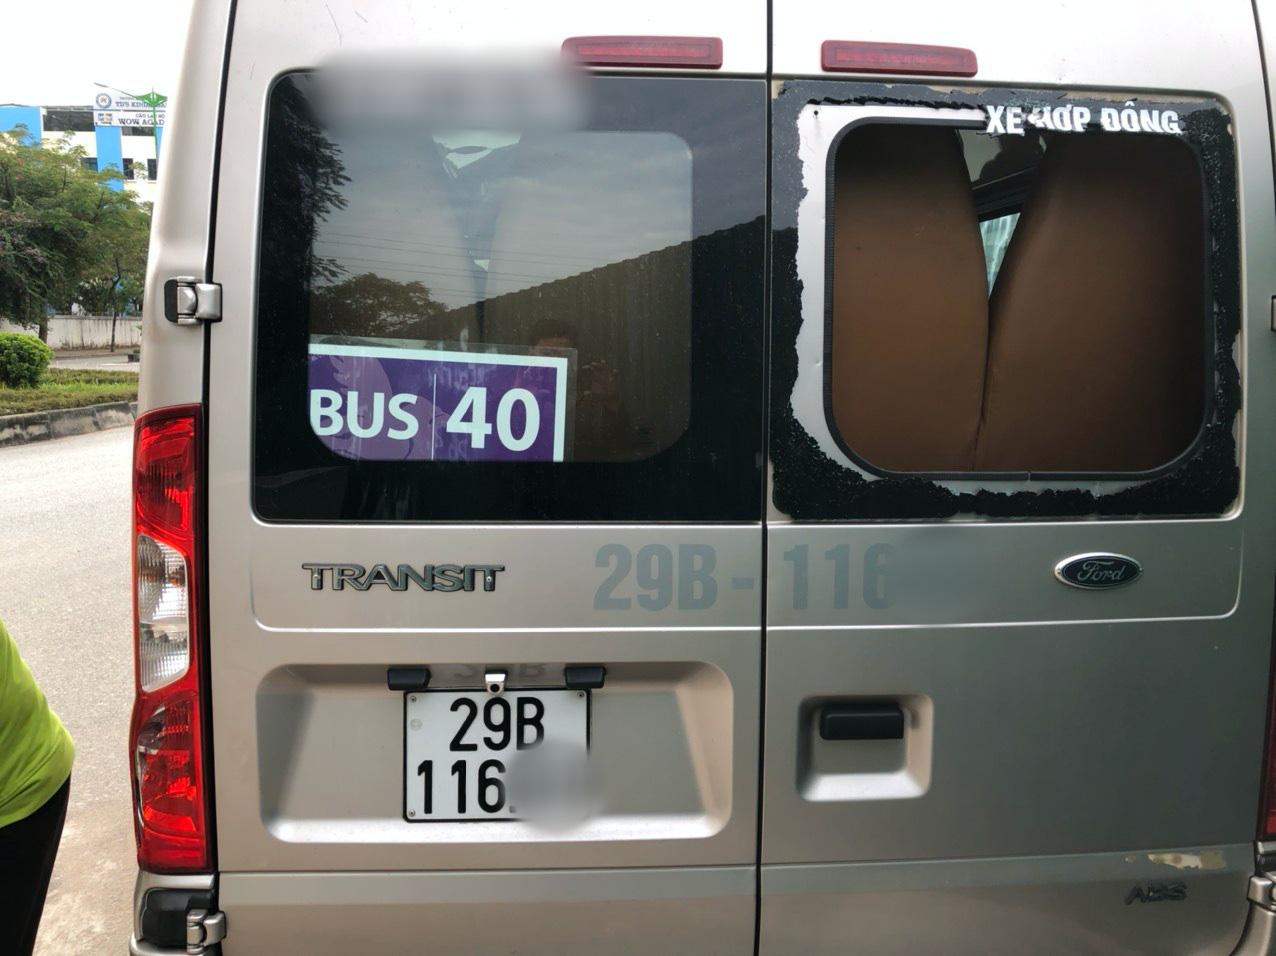 Hà Nội: 3 xe ô tô đưa đón học sinh bị kẻ xấu đập phá - Ảnh 1.